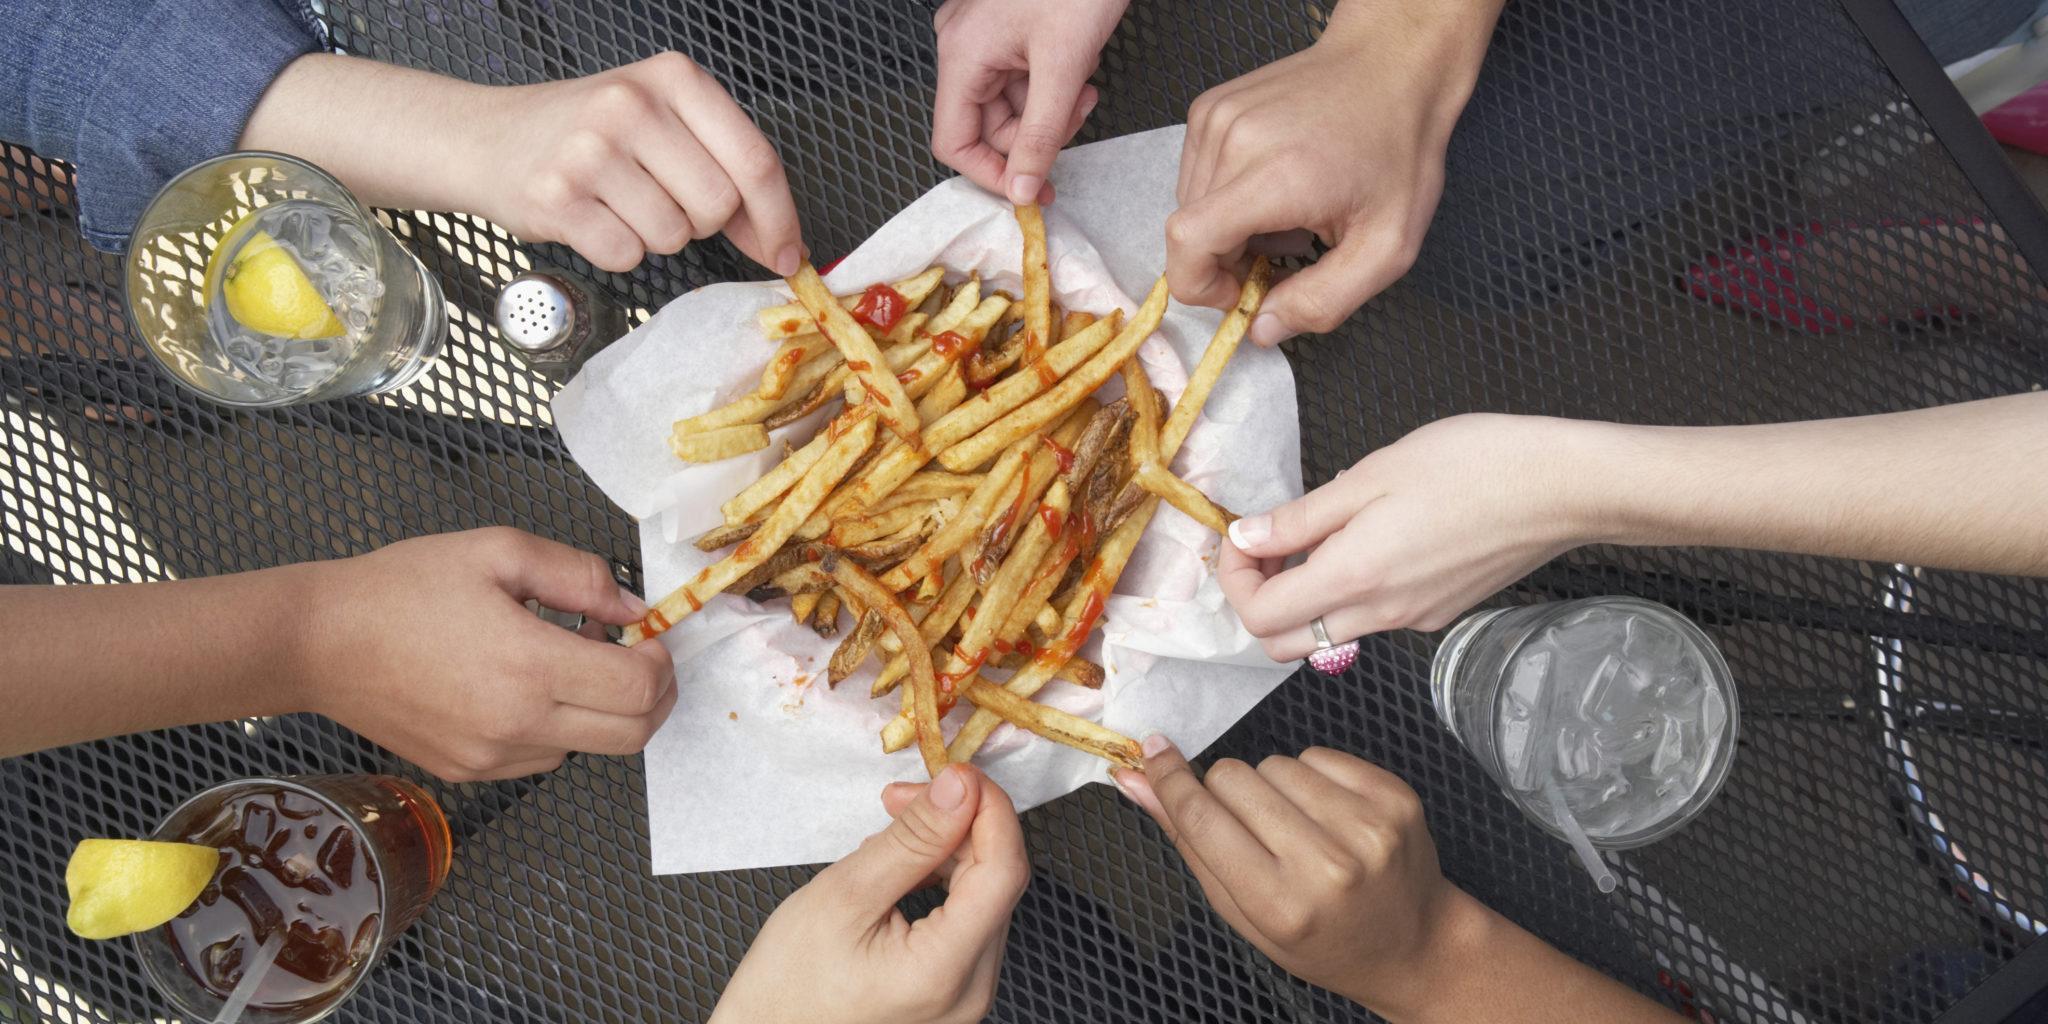 Запах еды может регулировать рацион человека